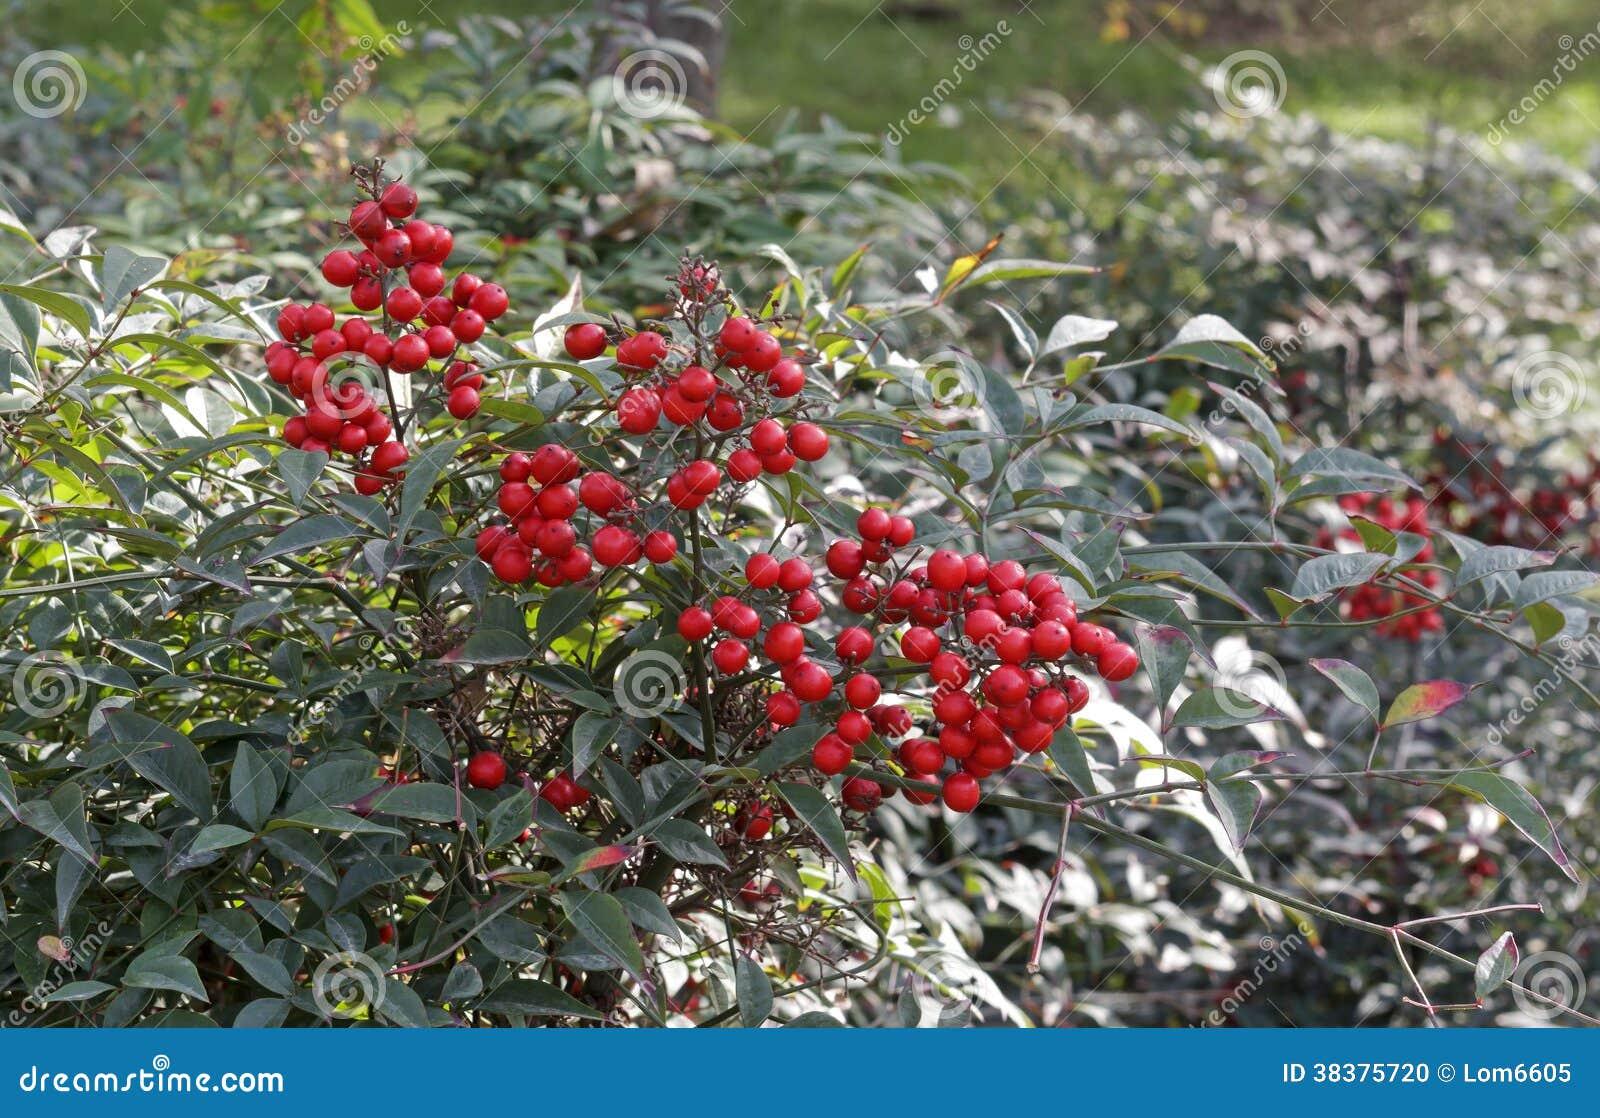 strauch mit roten beeren stockfoto bild von busch sch nheit 38375720. Black Bedroom Furniture Sets. Home Design Ideas